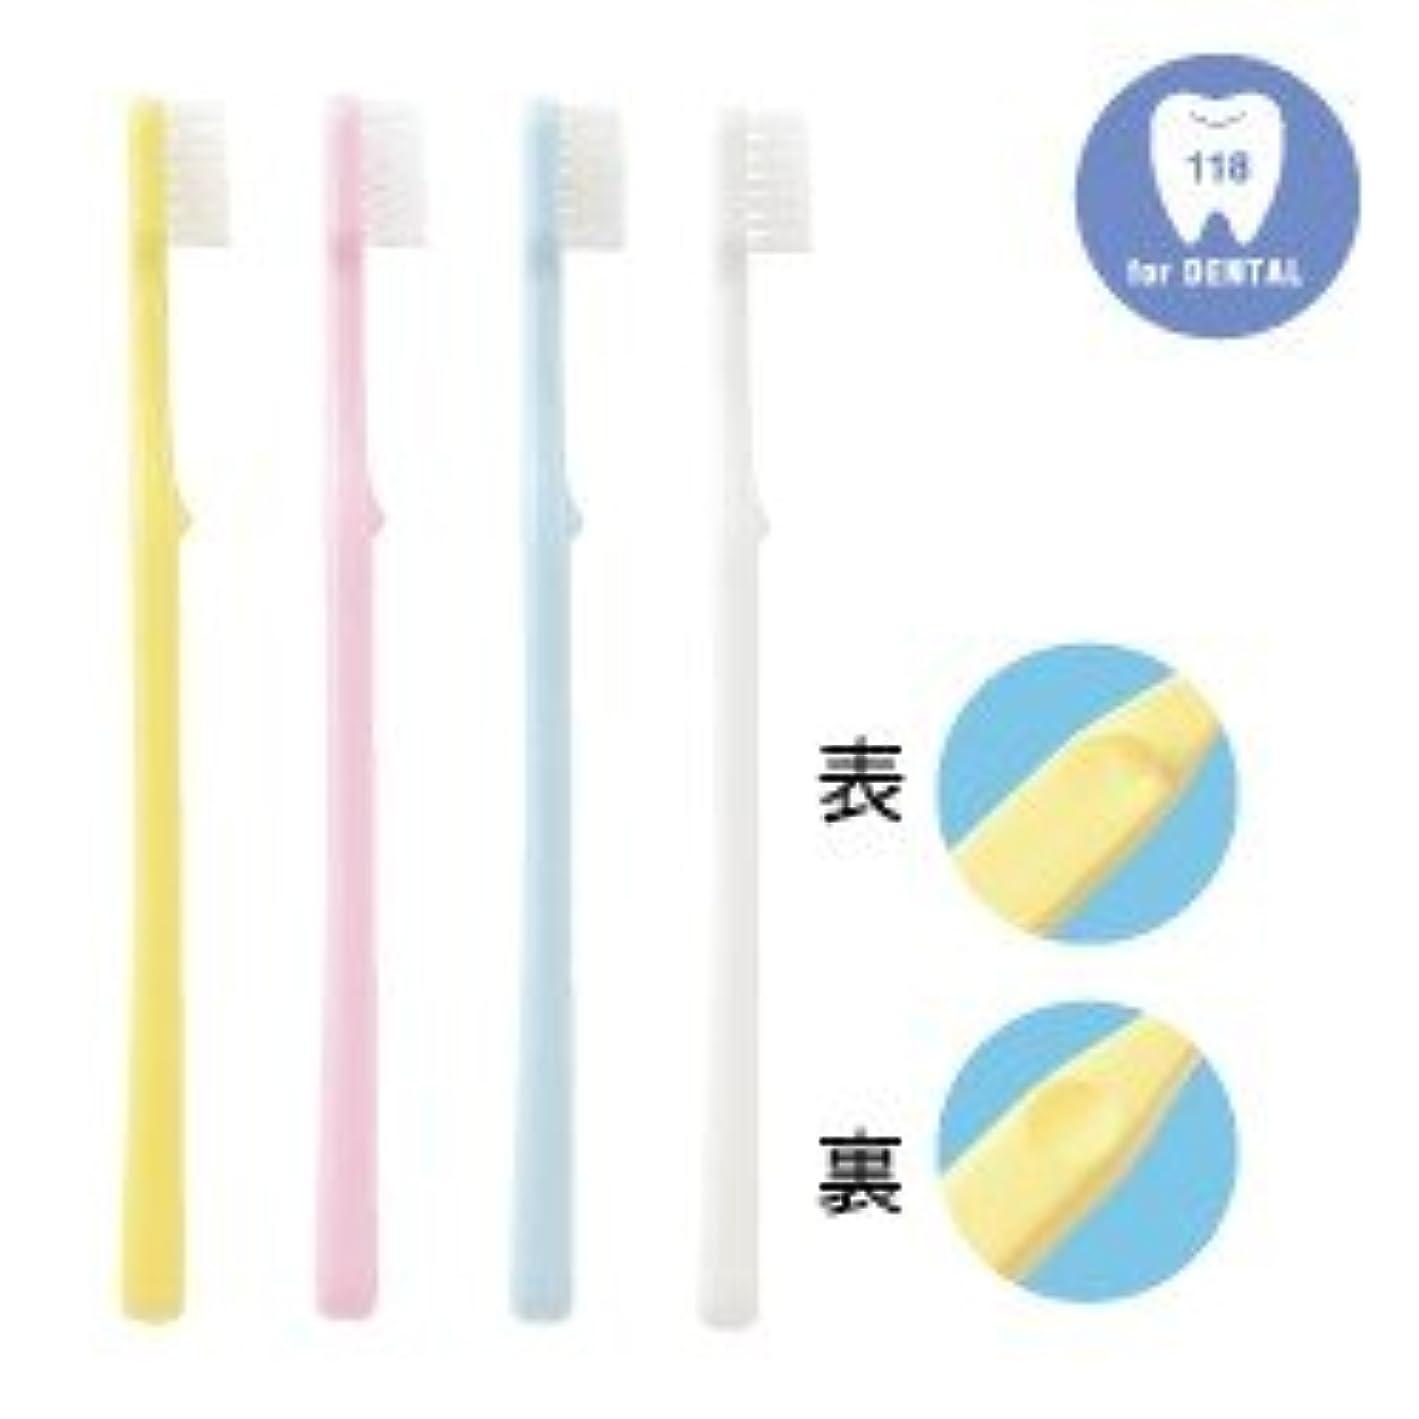 究極の宇宙の明確な歯科専用歯ブラシ フォーカス 子供用 118シリーズ M(ふつう) 20本